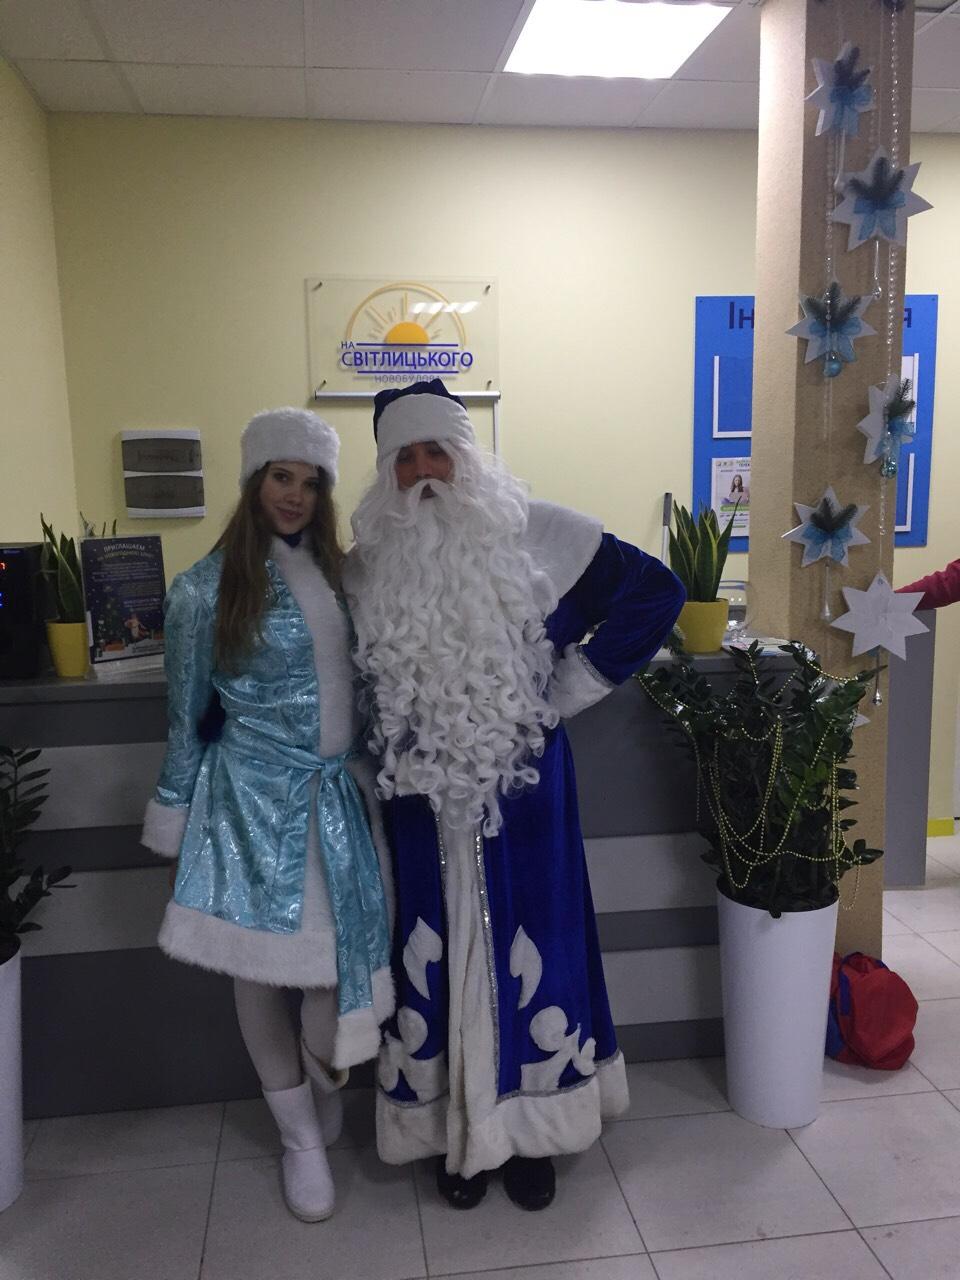 Дед Мороз и Снегурочка поздравили малышей ЖК «На Светлицкого, 35» с новогодними праздниками